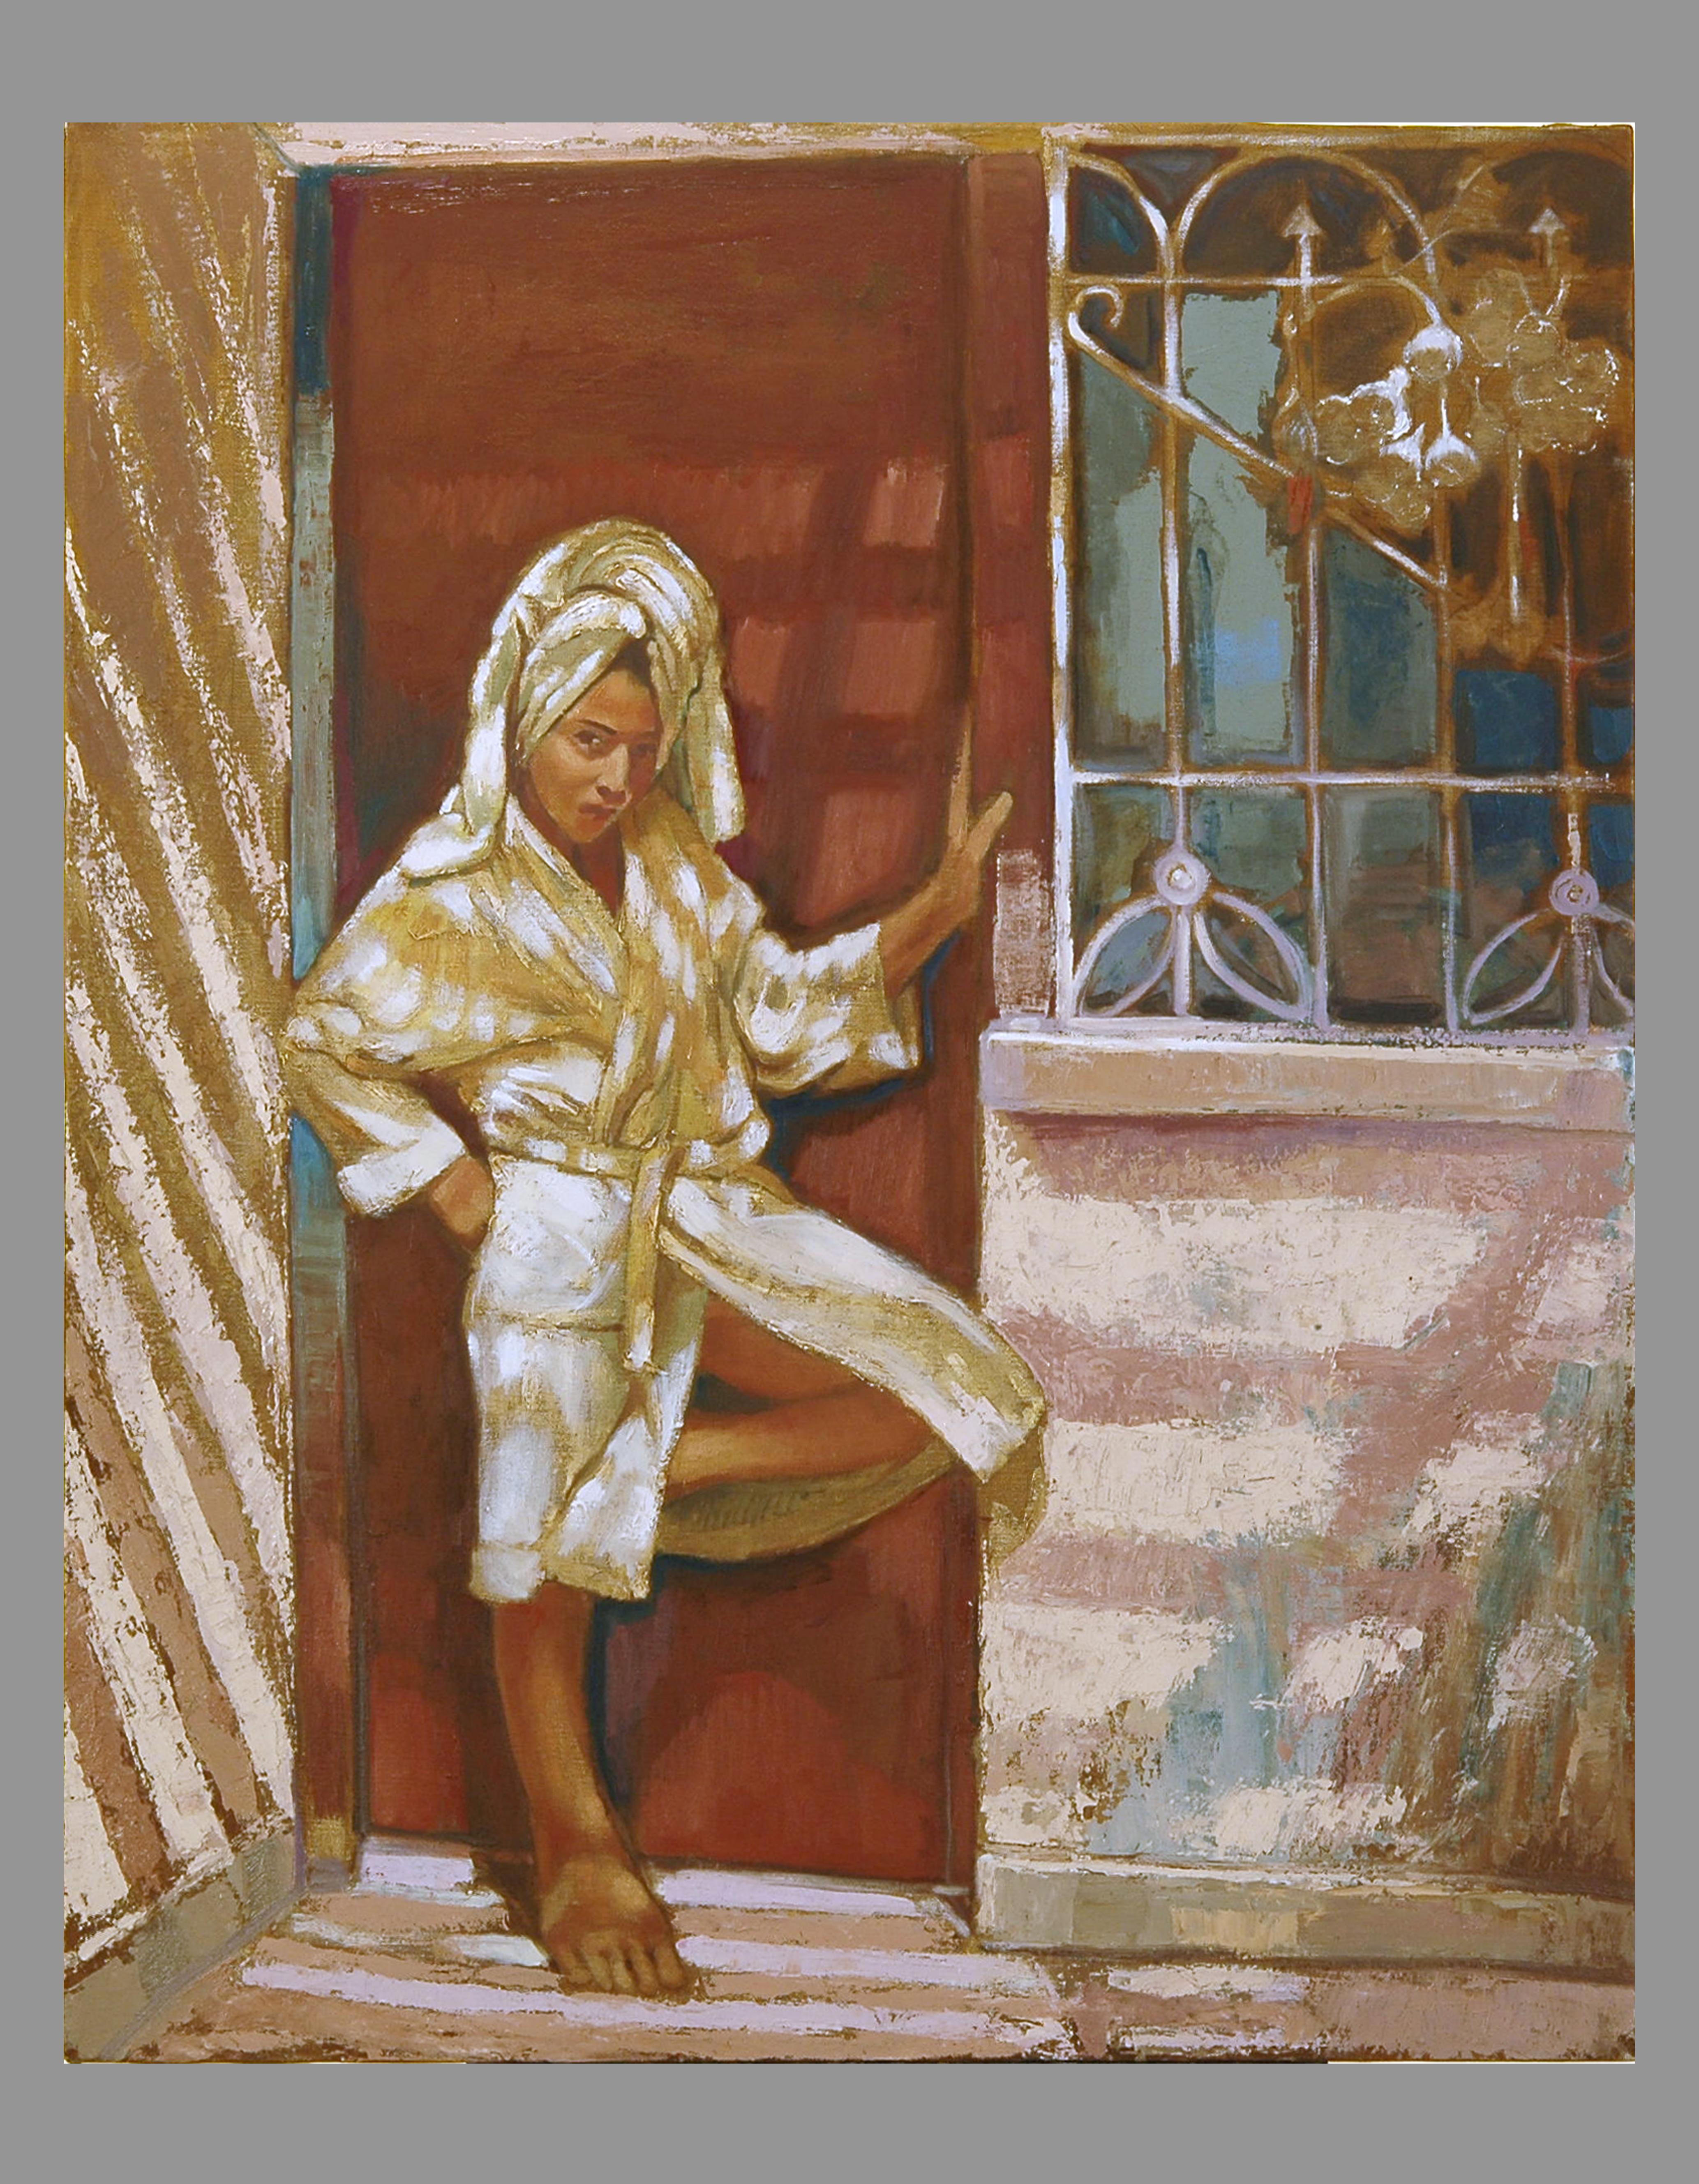 Young girl in the doorway